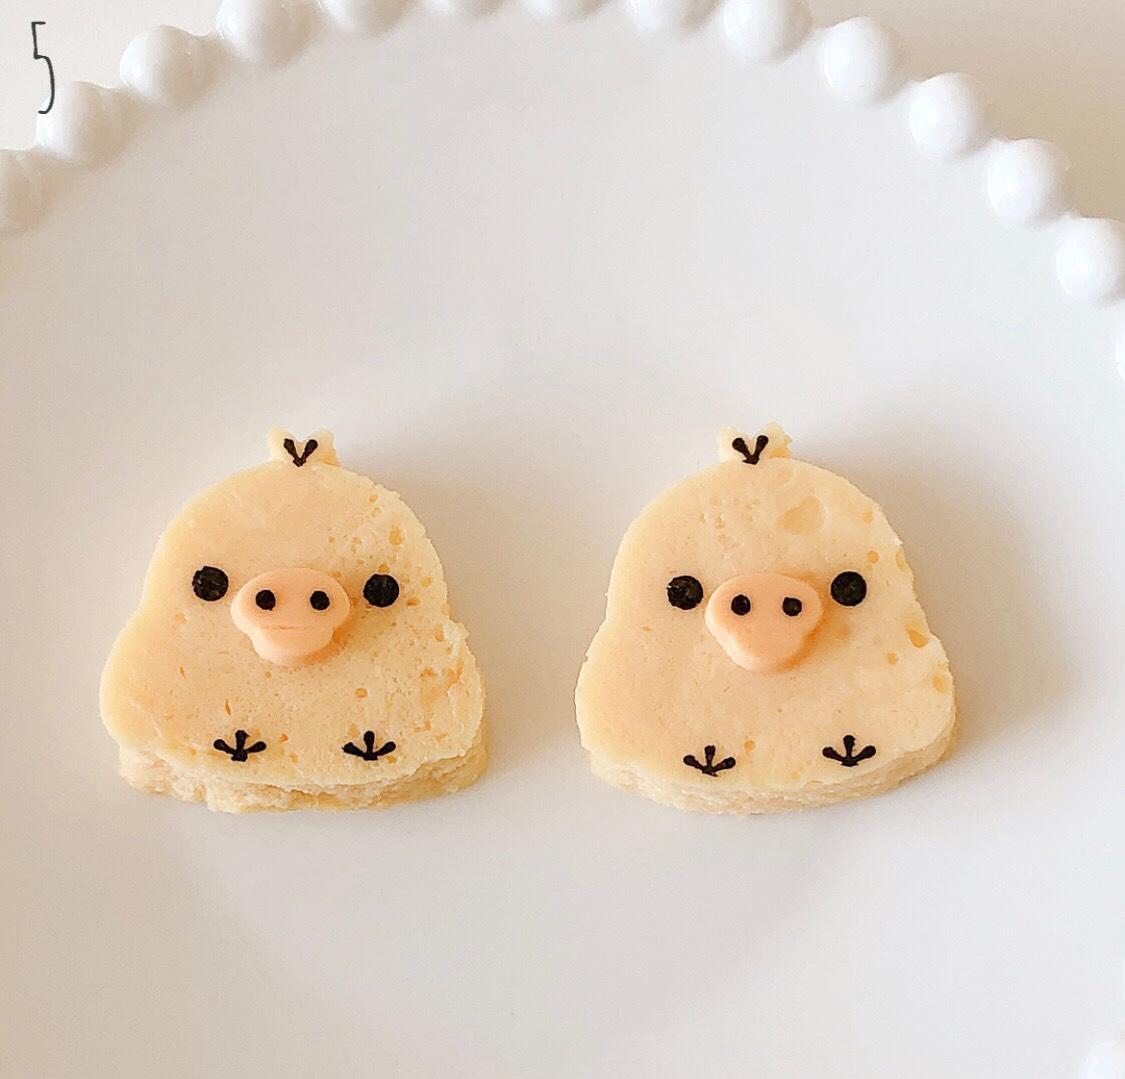 kaori-%e3%82%ad%e3%83%a3%e3%83%a9%e5%bc%81%e3%80%80%e3%82%ad%e3%83%a3%e3%83%a9%e3%81%93%e3%82%99%e3%81%af%e3%82%93%e3%80%80charaben-japanese-food-sushi_5-2